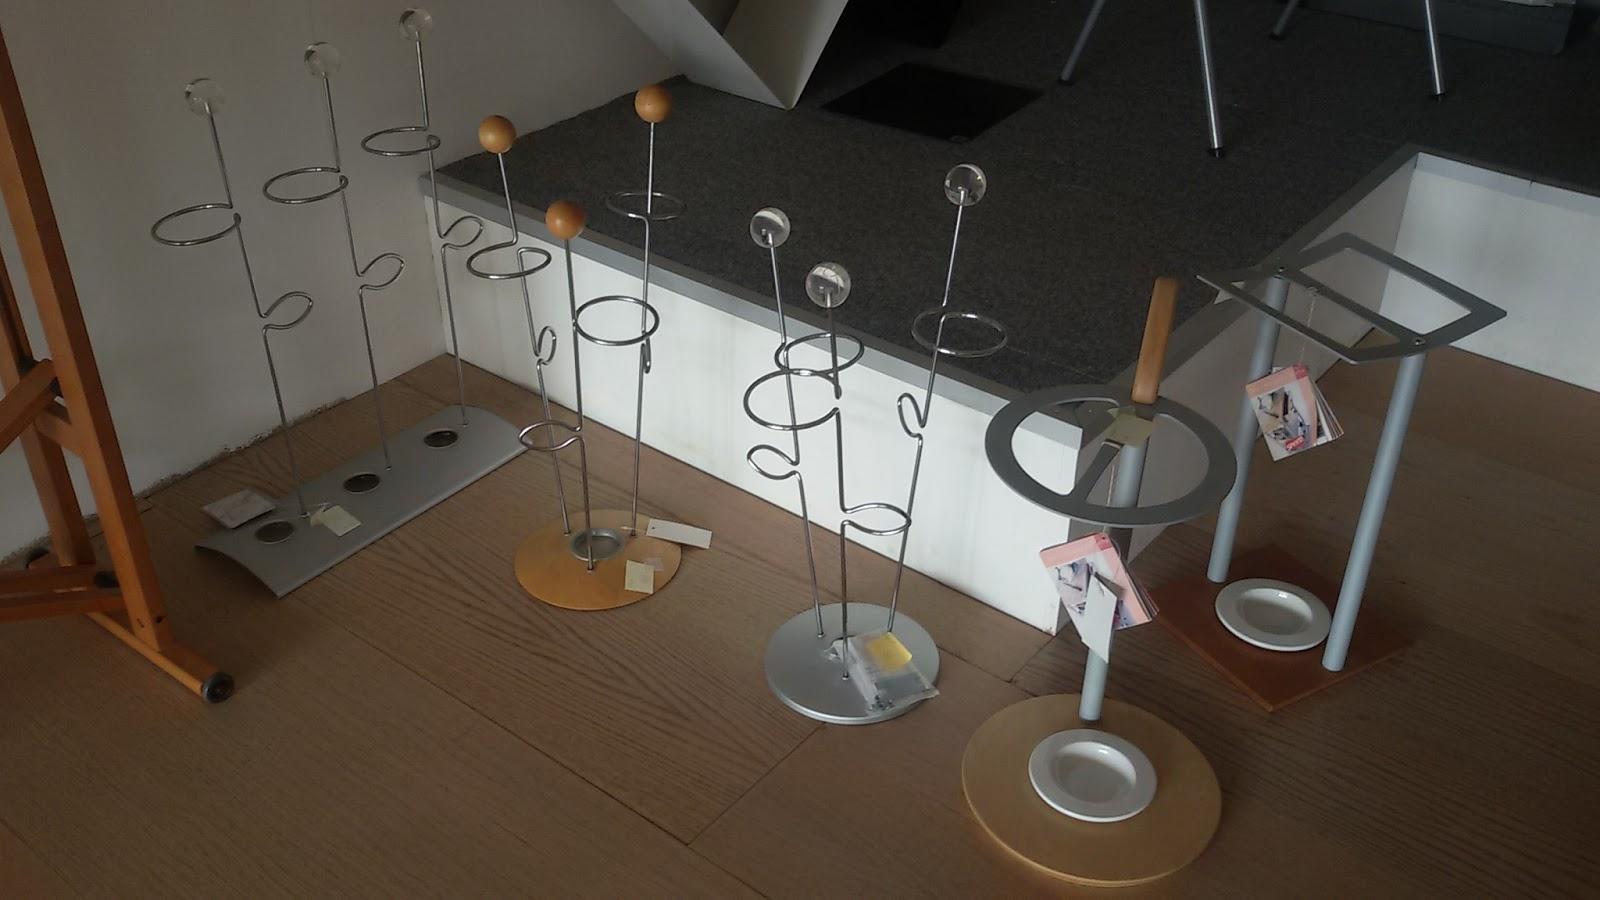 Outlet mobili da esposizione lissone porta ombrelli - Outlet mobili bagno lissone ...